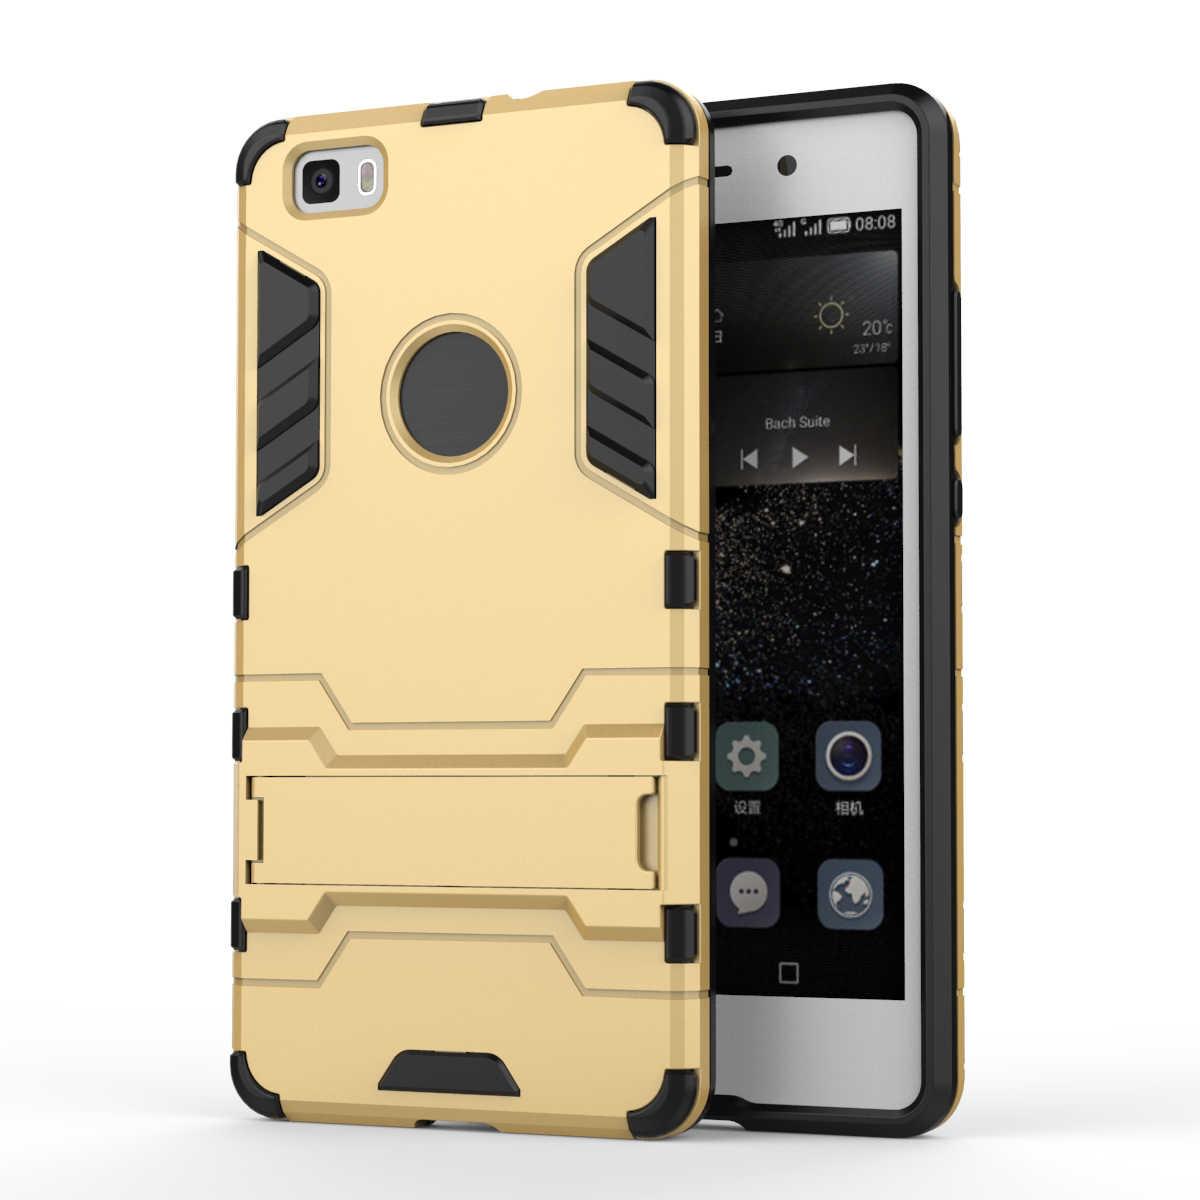 Armatura di Caso Per Huawei P8 Lite Heavy Duty Hybrid Hard morbido Robusta Gomma di Silicone Caso Della Copertura Del Telefono Coque con il Basamento funzione (<